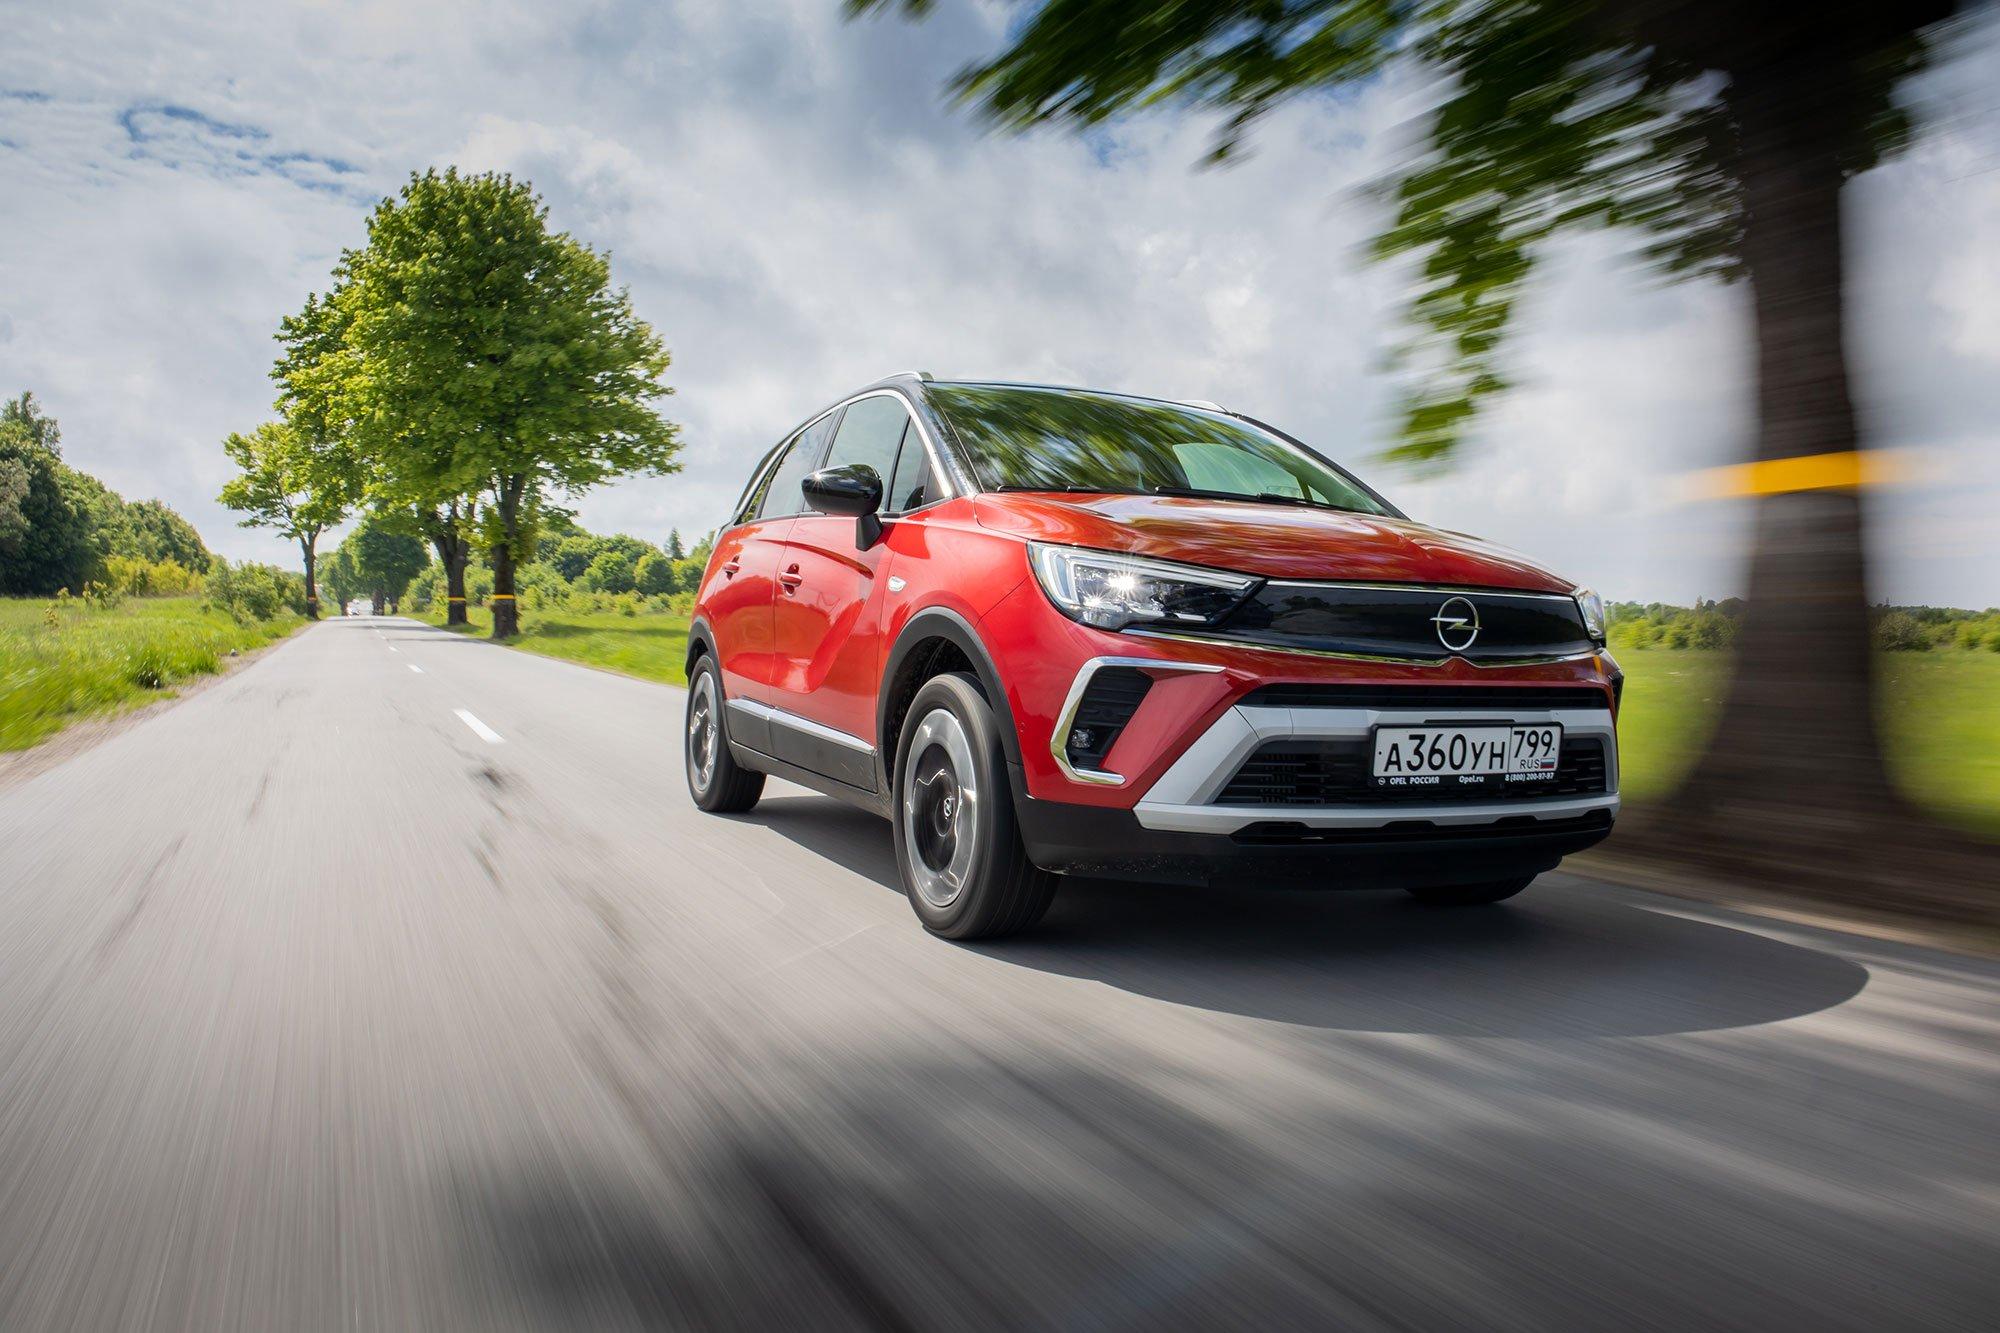 Почему Opel Crossland лишь прикидывается «немецким кроссовером». Проехал и сделал выводы